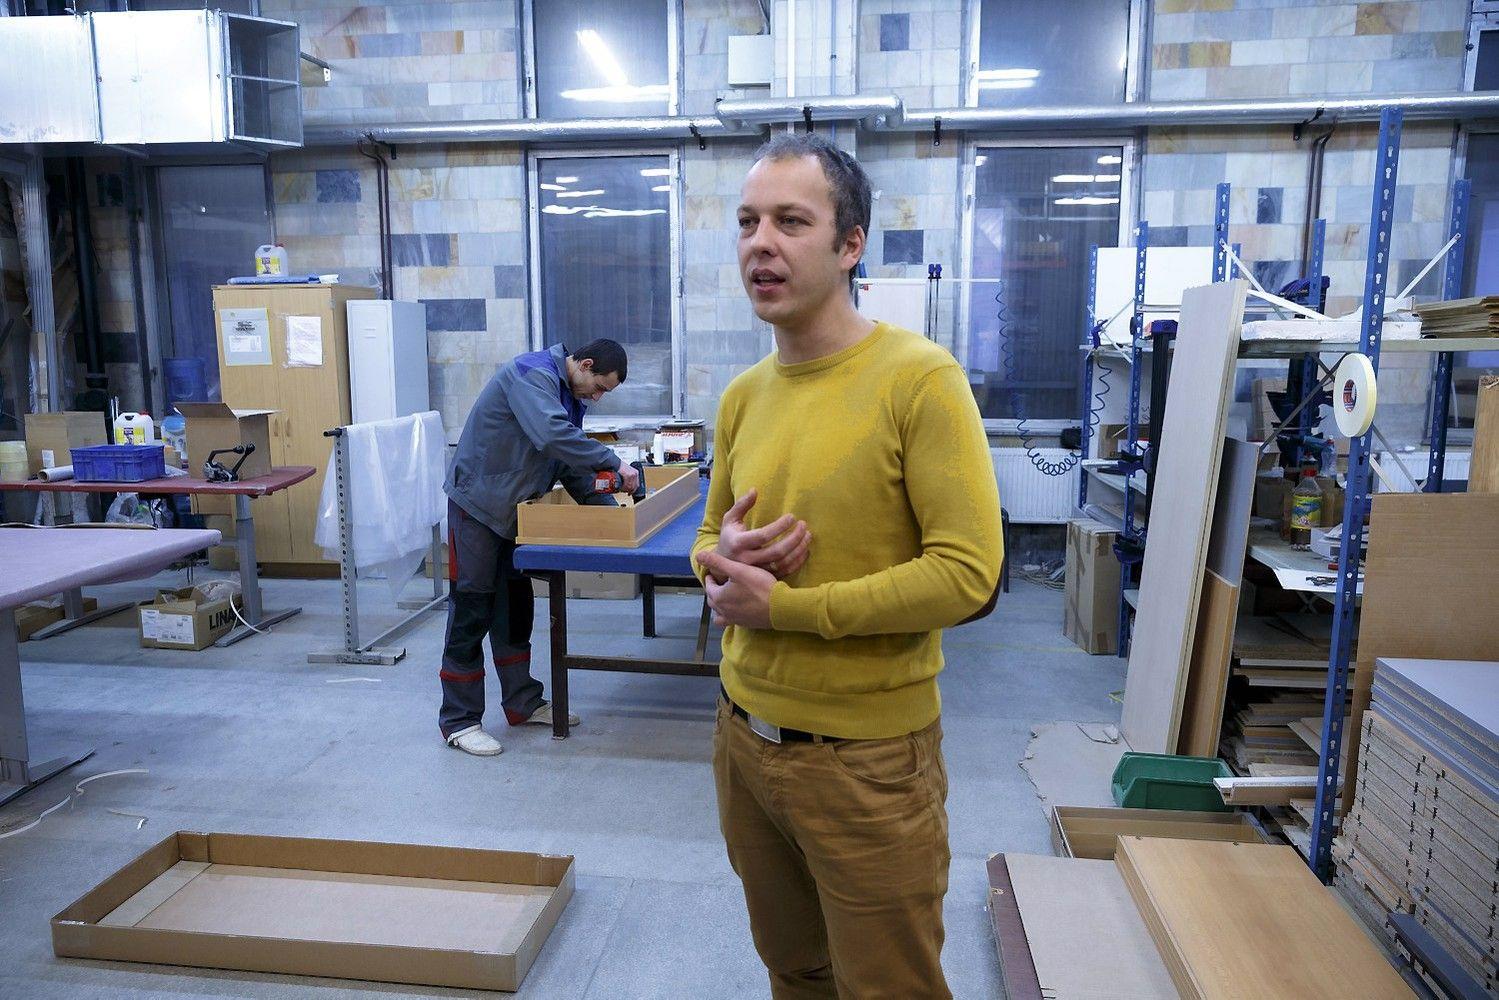 Darbuotojų stingant, panevėžiečiams gali tekti konkuruoti su Vilniaus darbdaviais